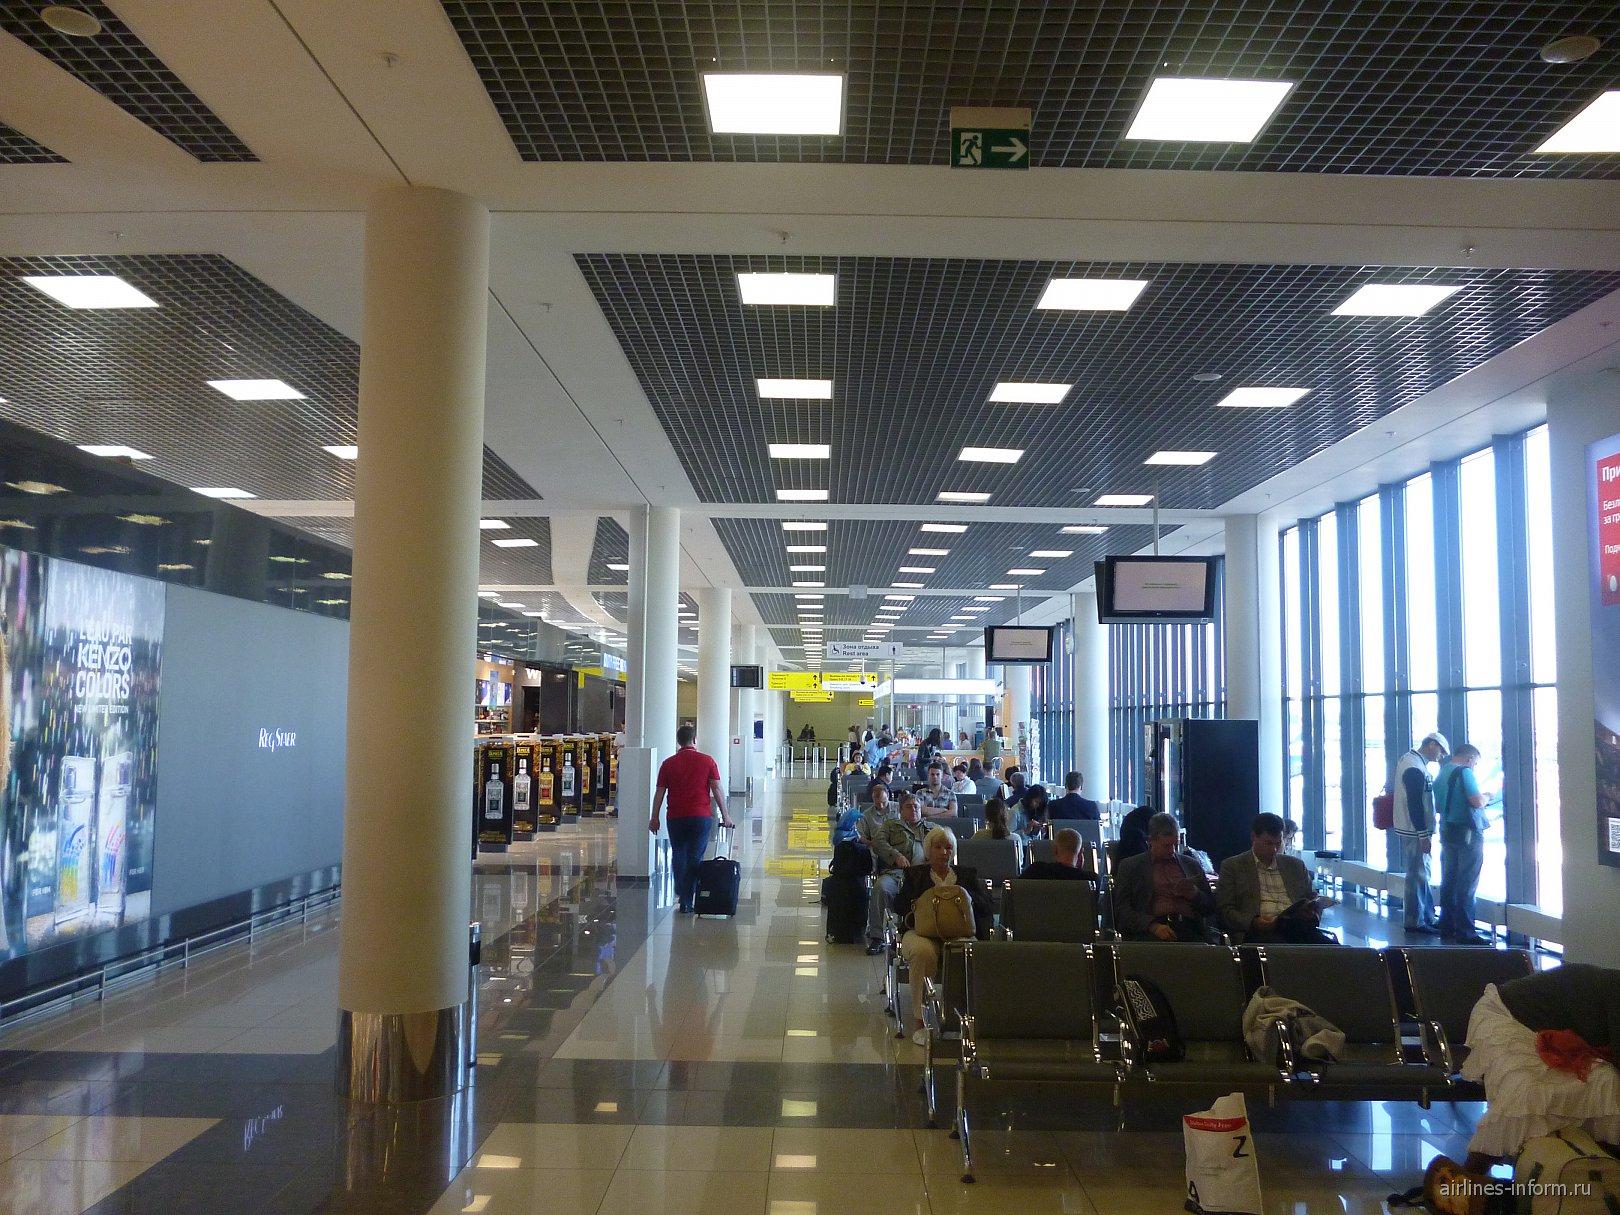 Зал ожидания в терминале Е аэропорта Москва Шереметьево